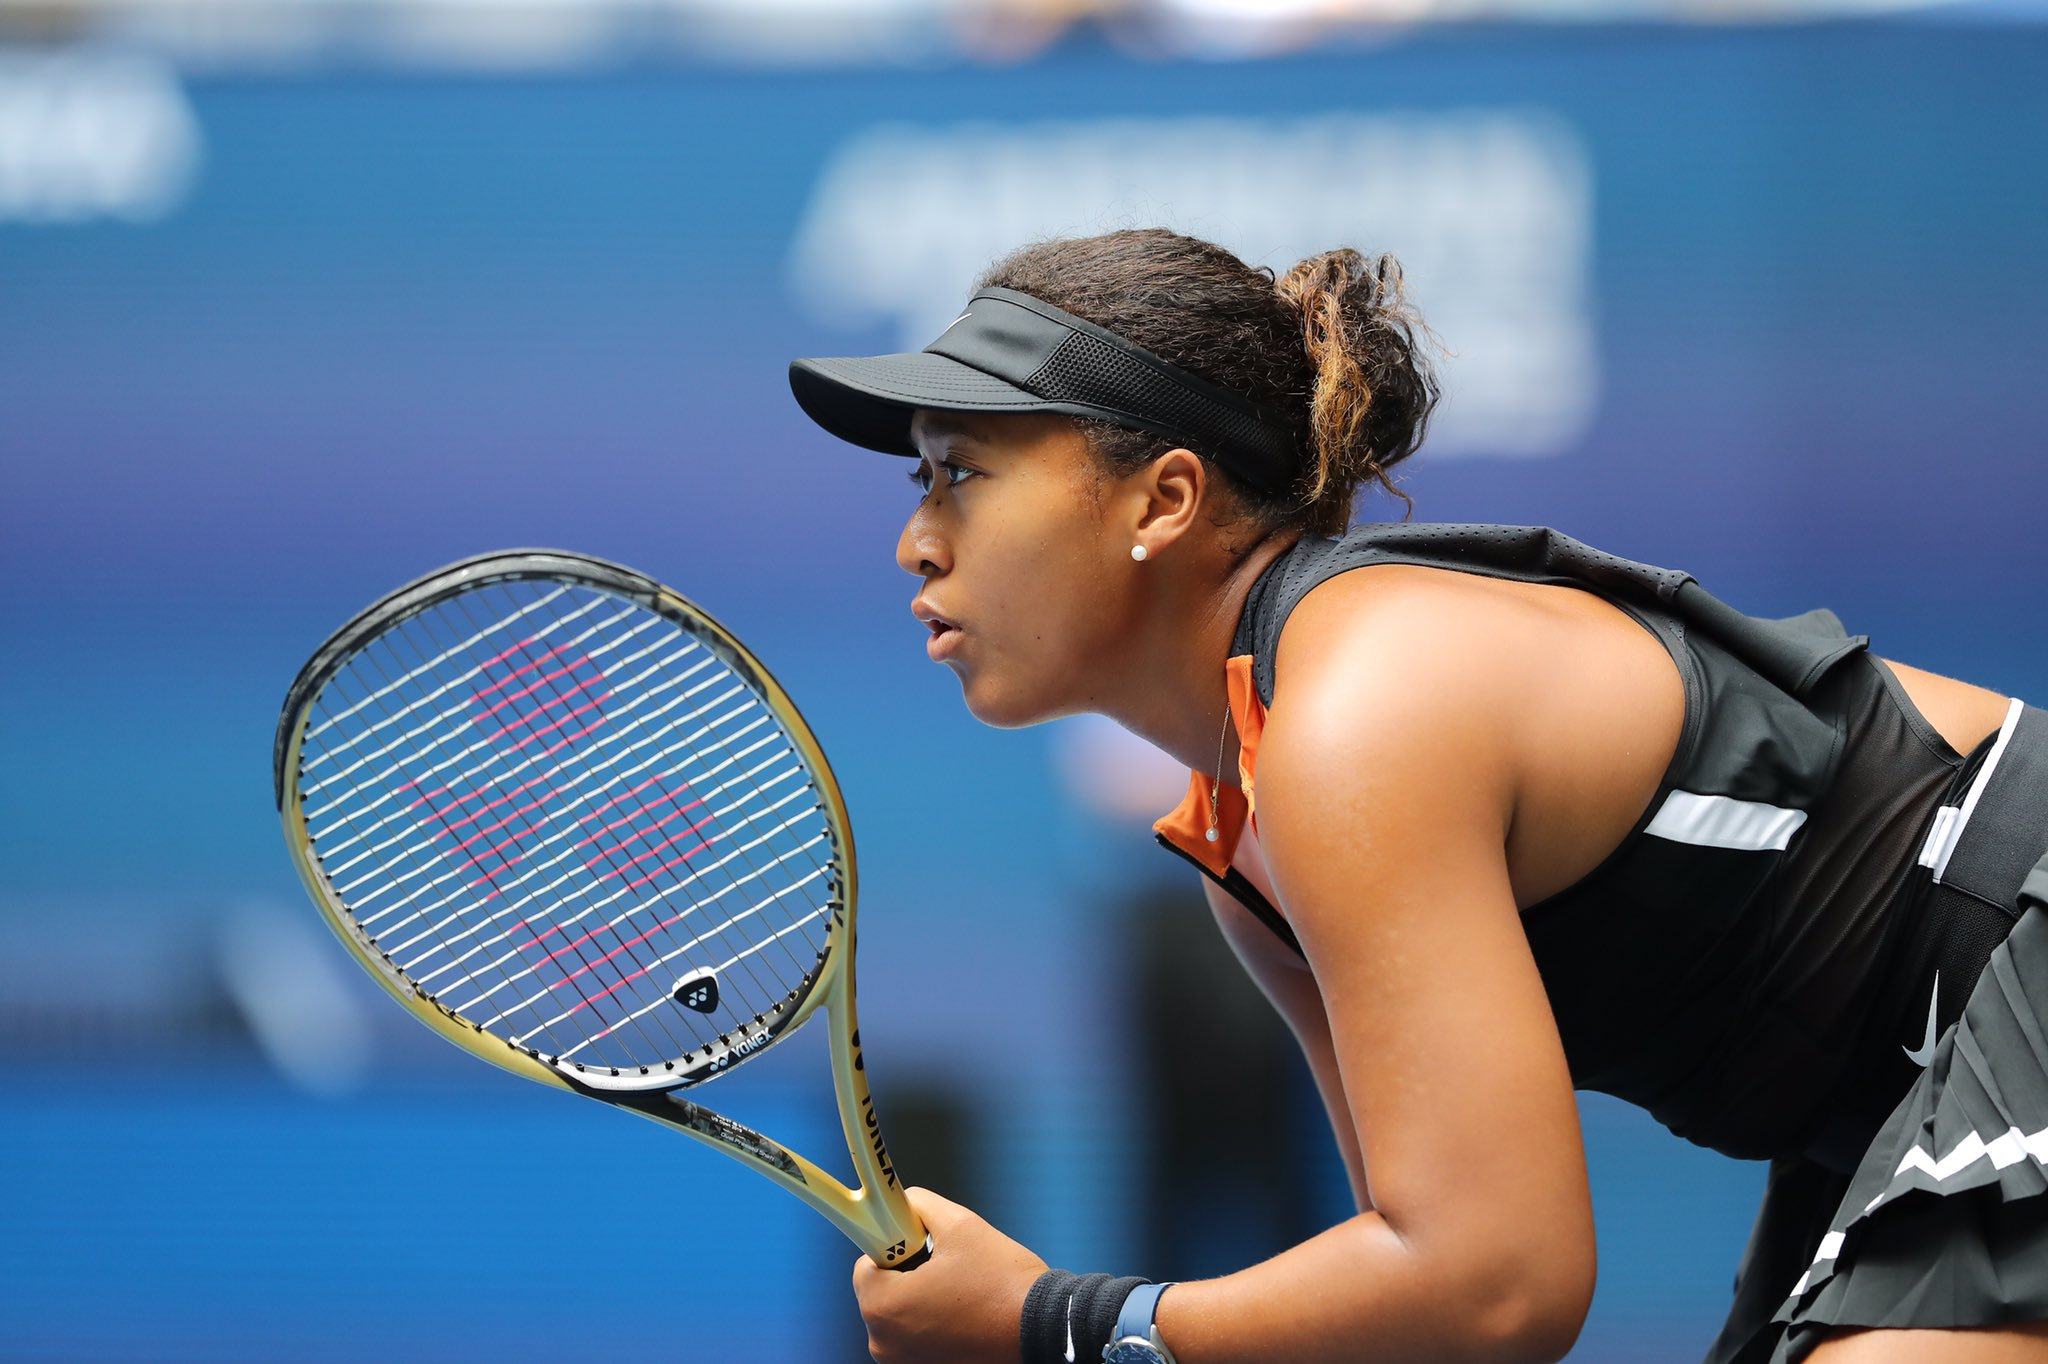 US Open. Naomi Osaka inicia defesa do título com vitória